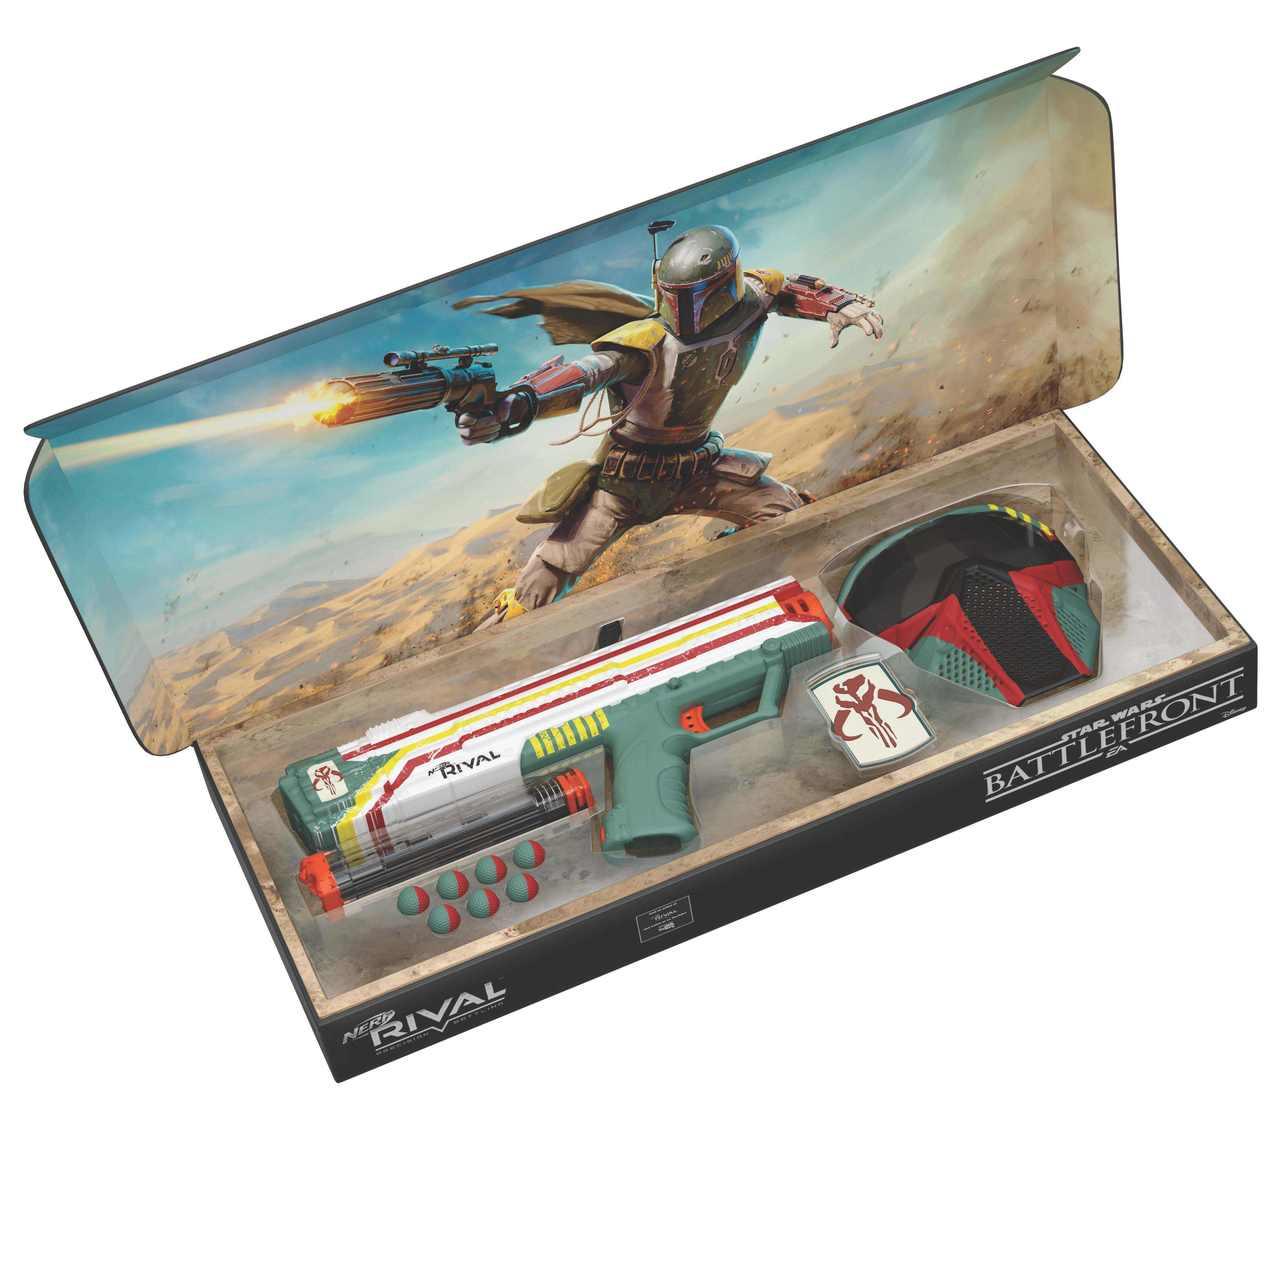 Nerf News Star Wars Battlefront Apollo Blaster Set